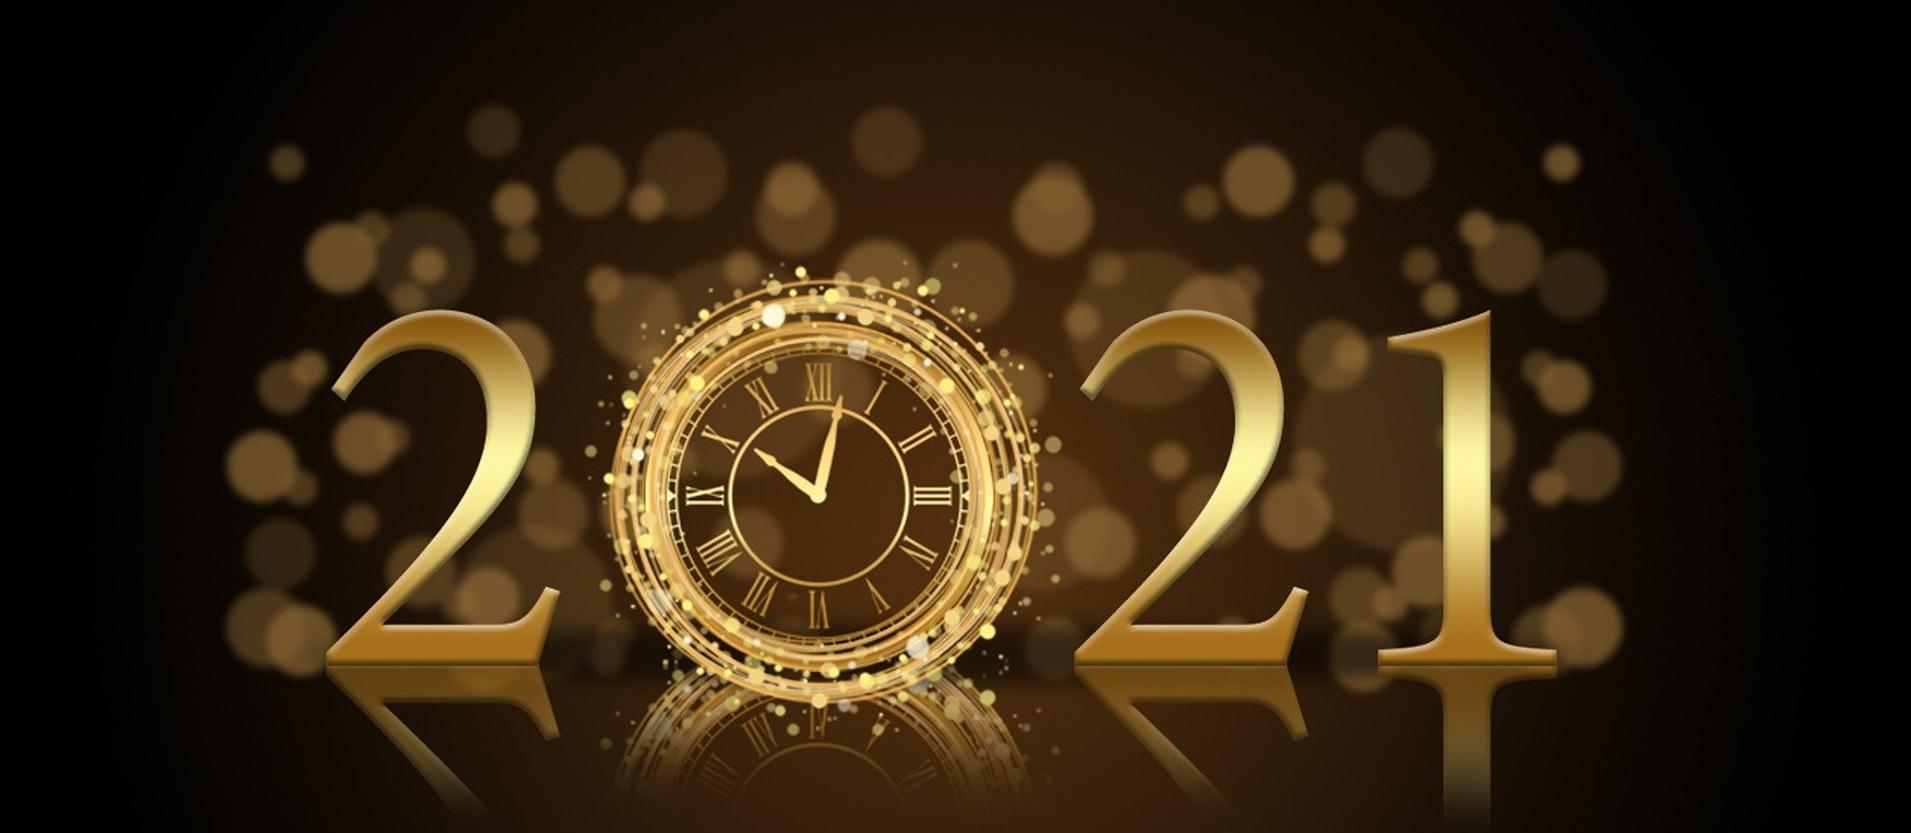 Das Jahr 2021 numerologisch betrachtet